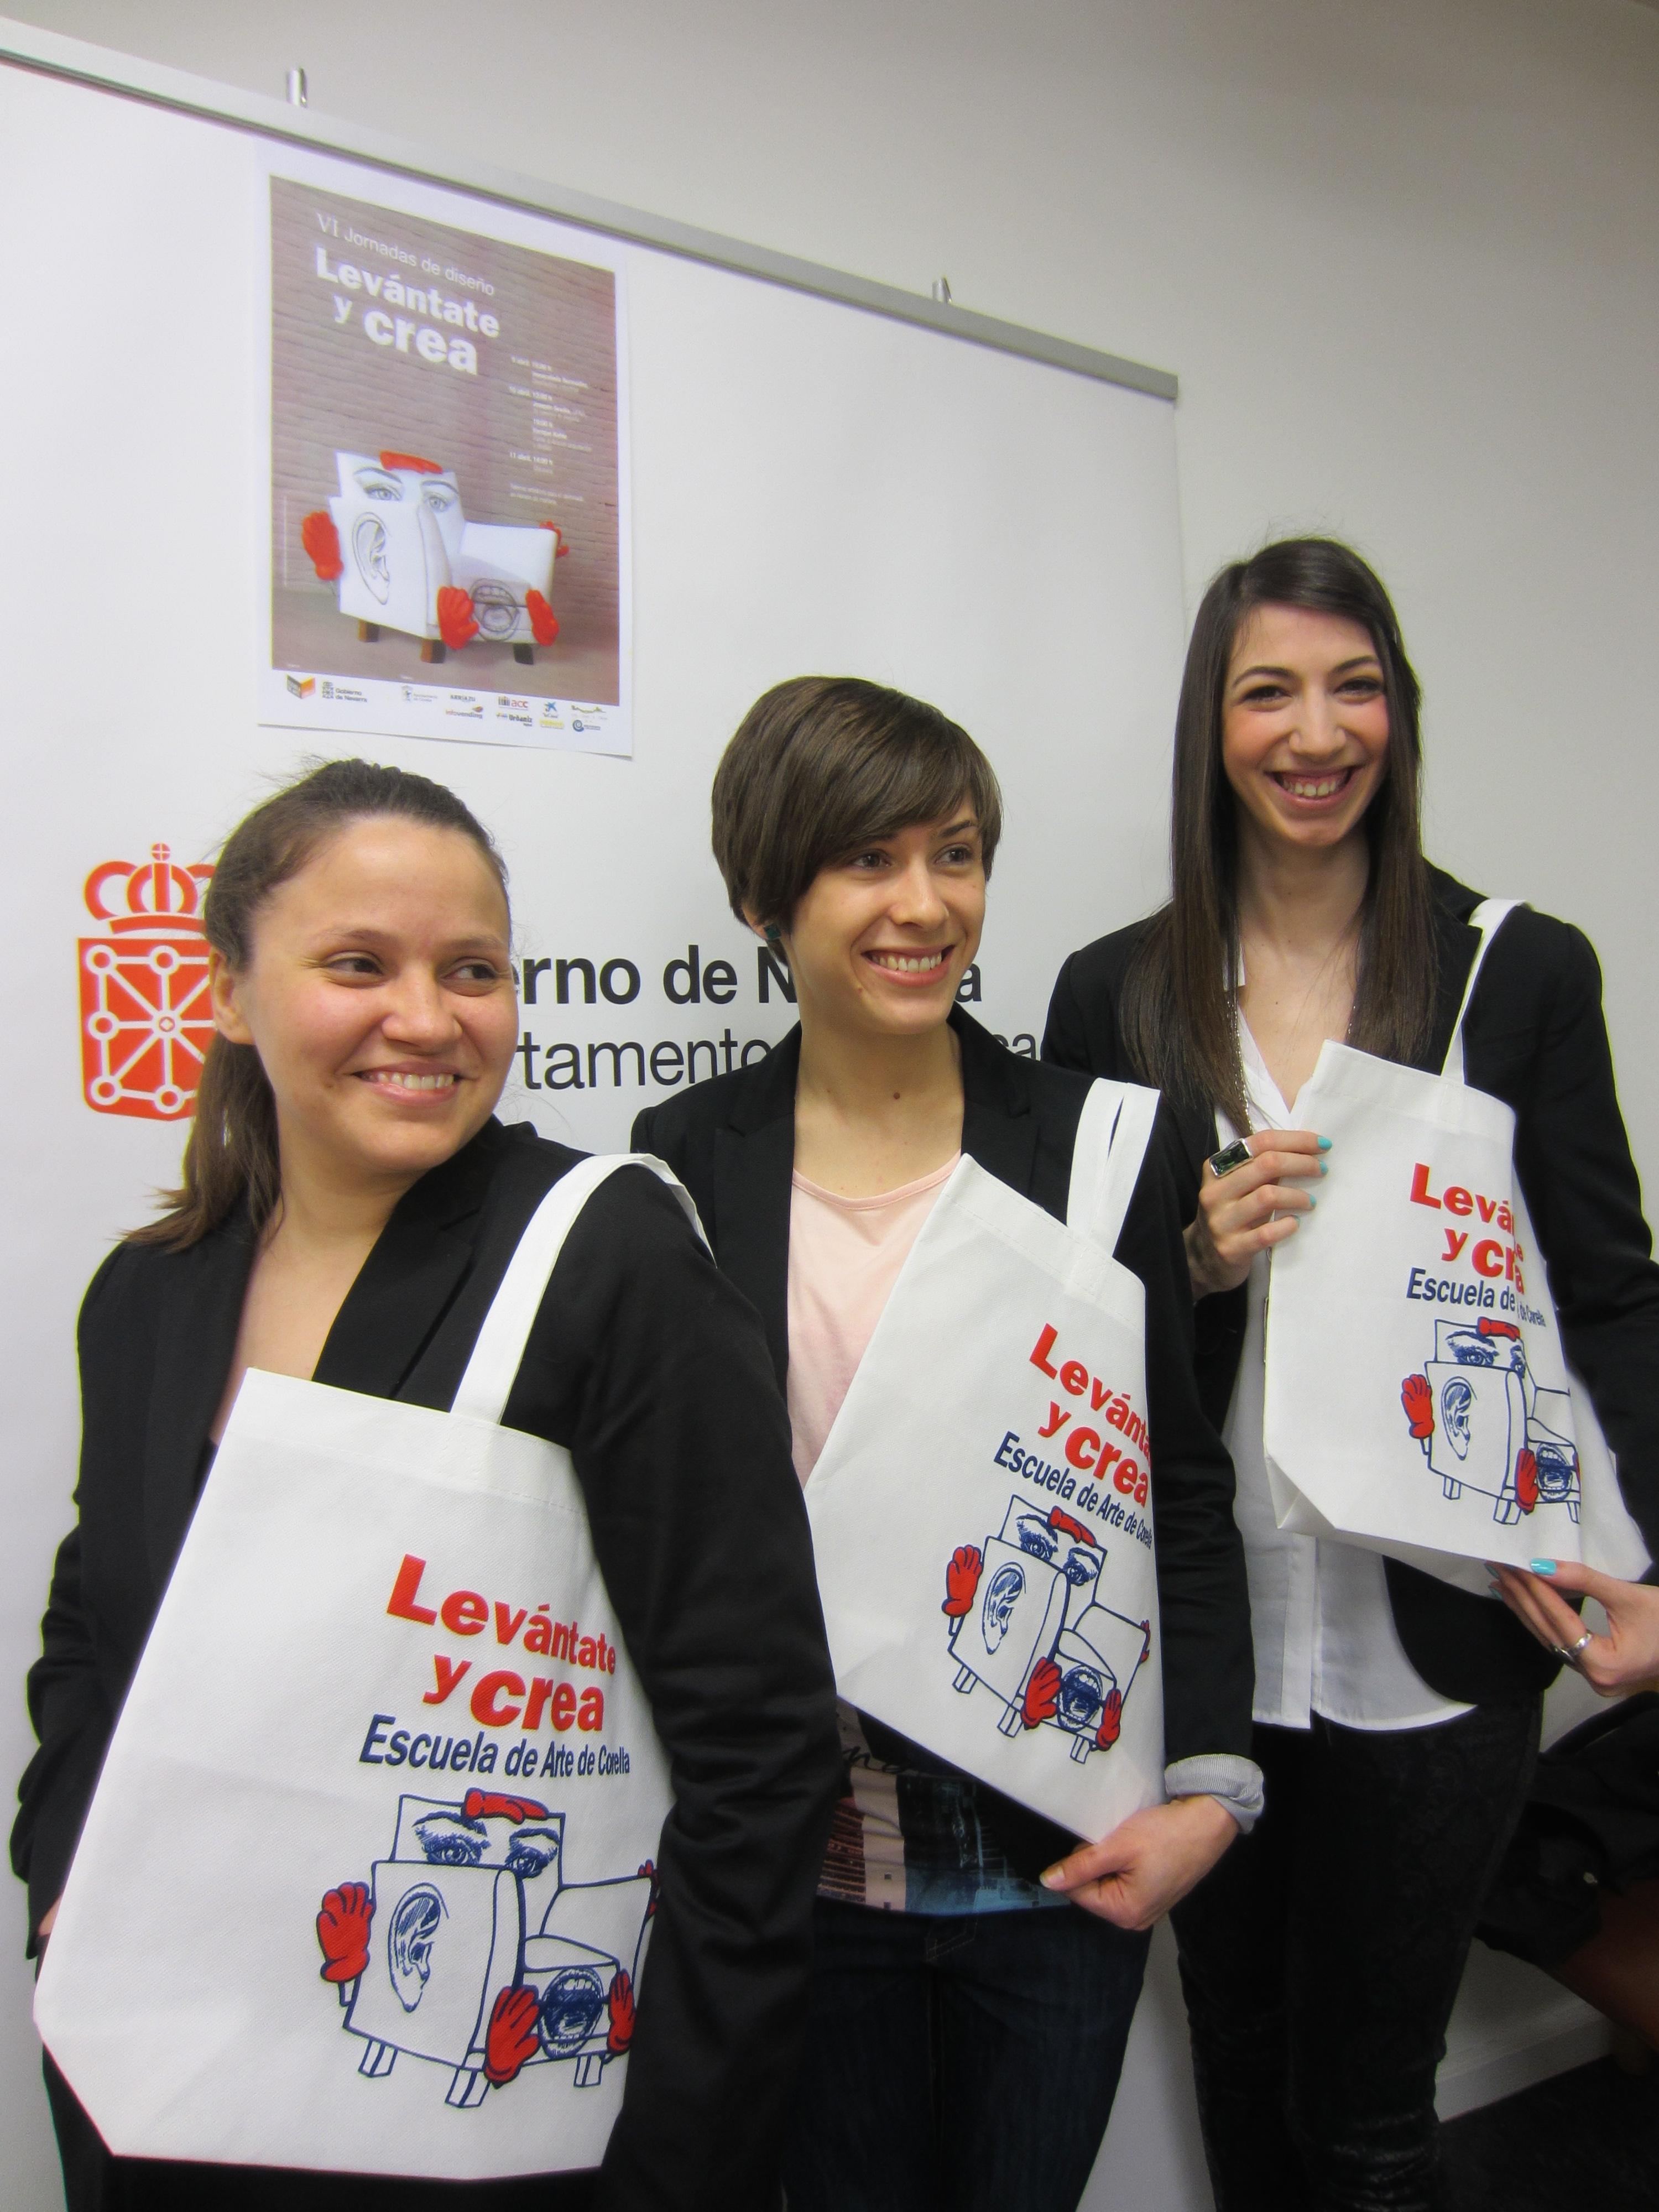 Tres alumnas de la Escuela de Arte de Corella presentan el logotipo de las VI Jornadas de Diseño